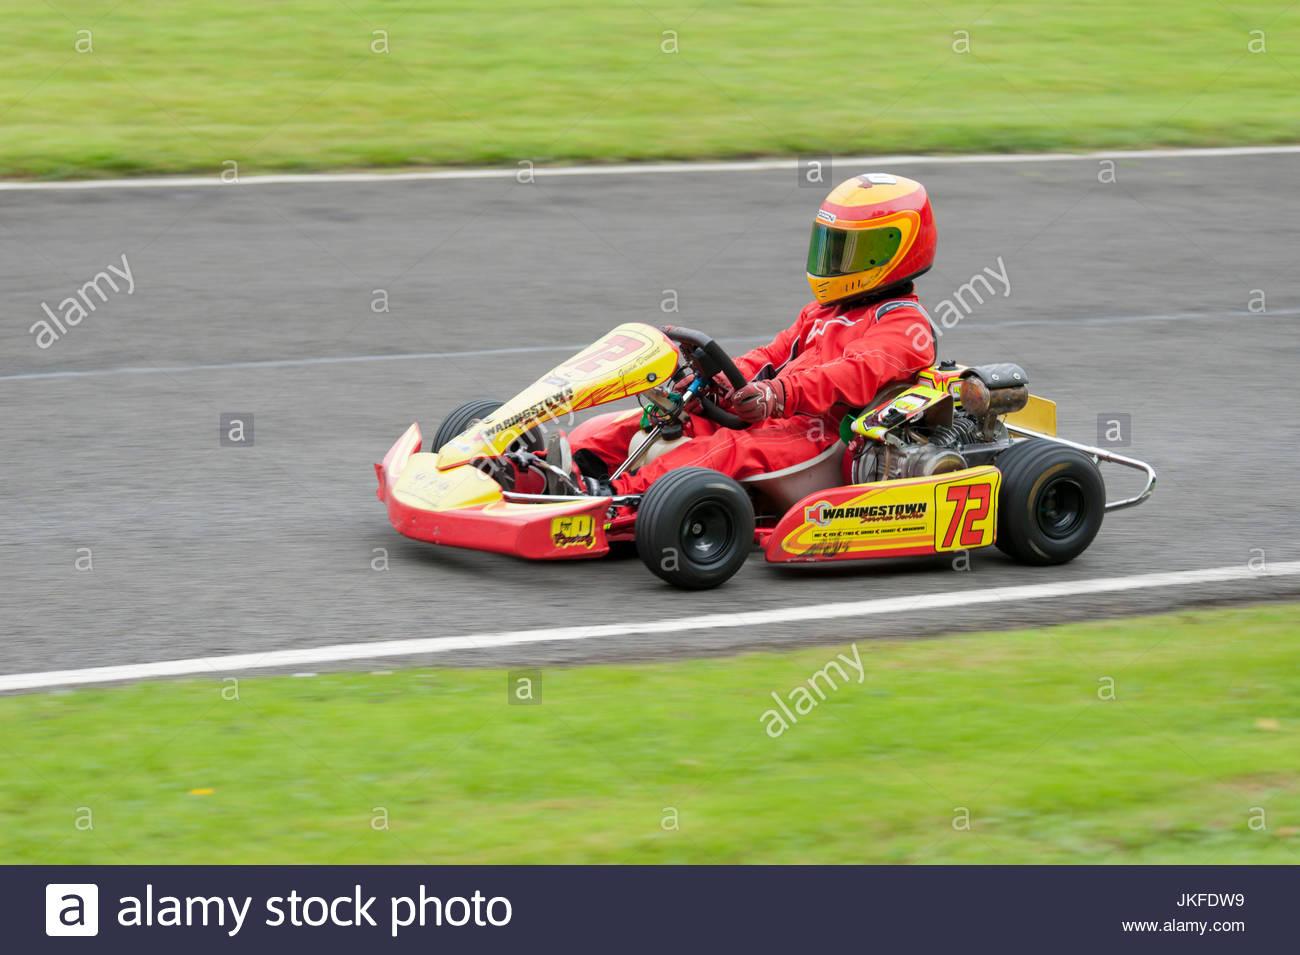 Larkhall, UK  23 July, 2017  Honda Cadet driver Gavin Dewart in